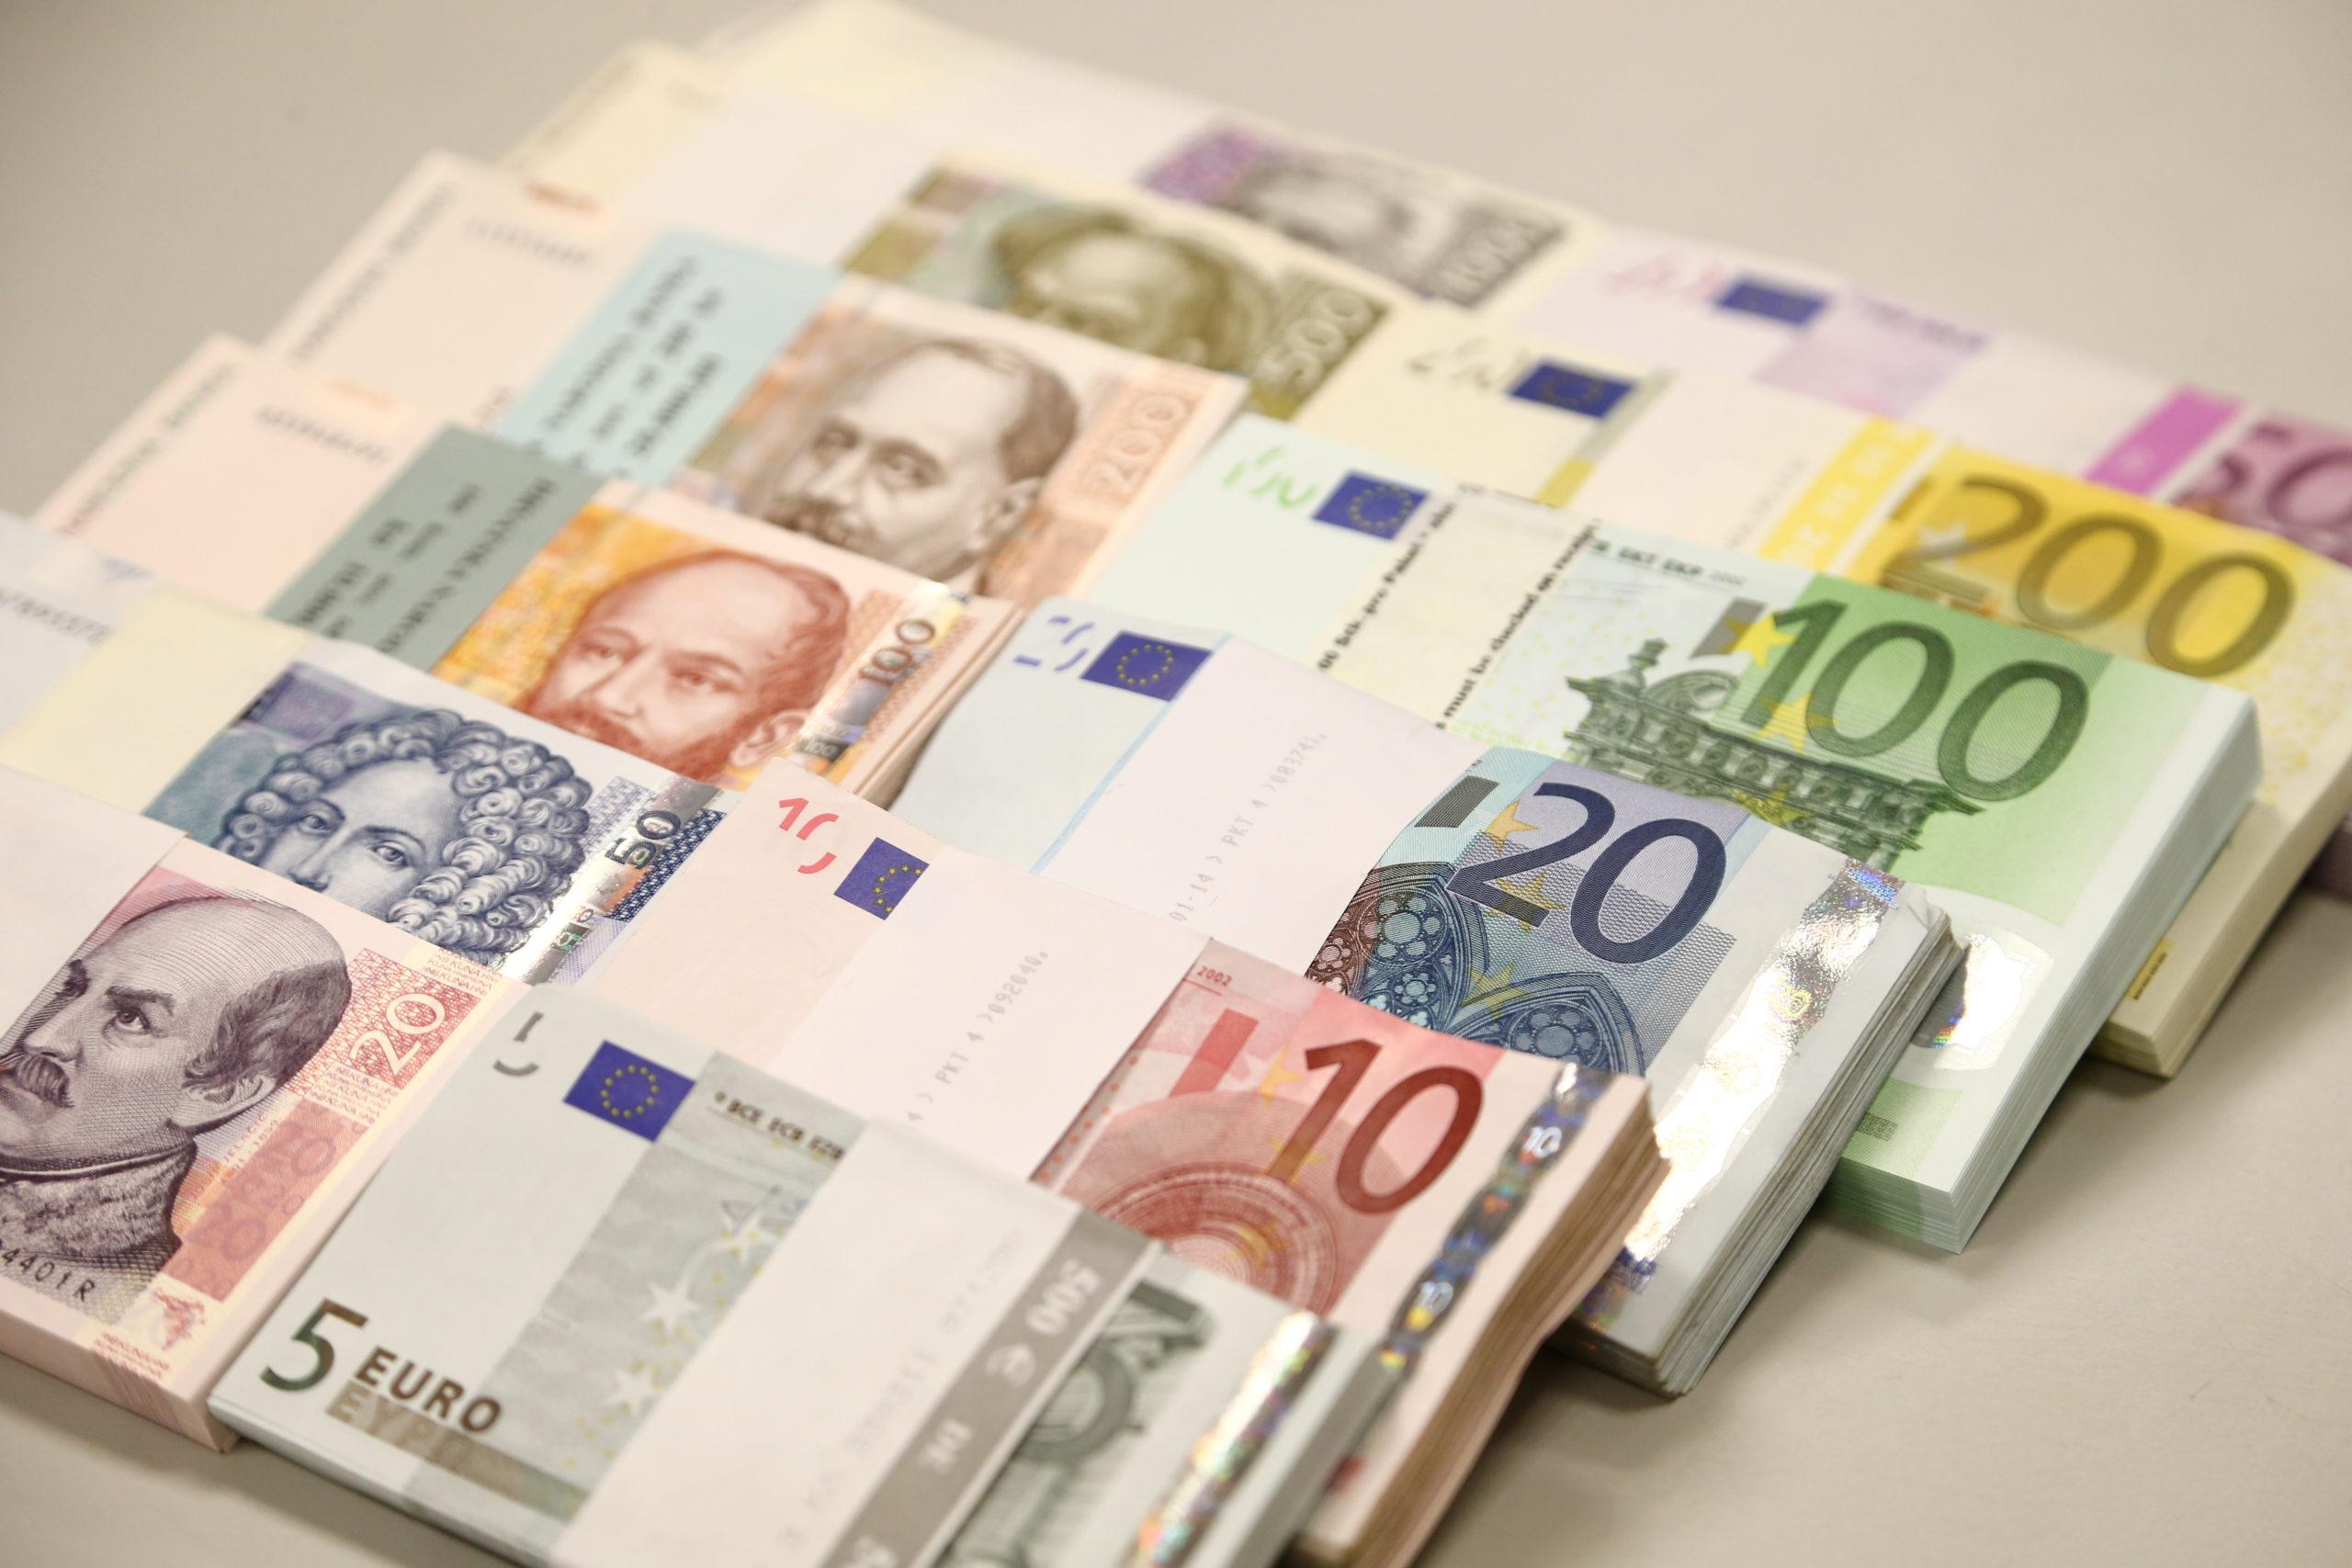 La Commission européenne autorise pour 20 milliards d'euros d'aides publiques françaises